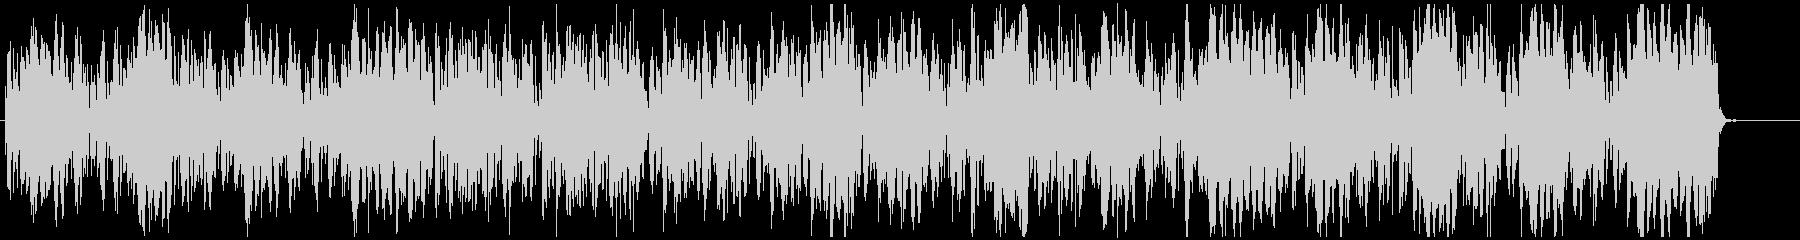 クールなモータウン調ヒップホップ的BGMの未再生の波形